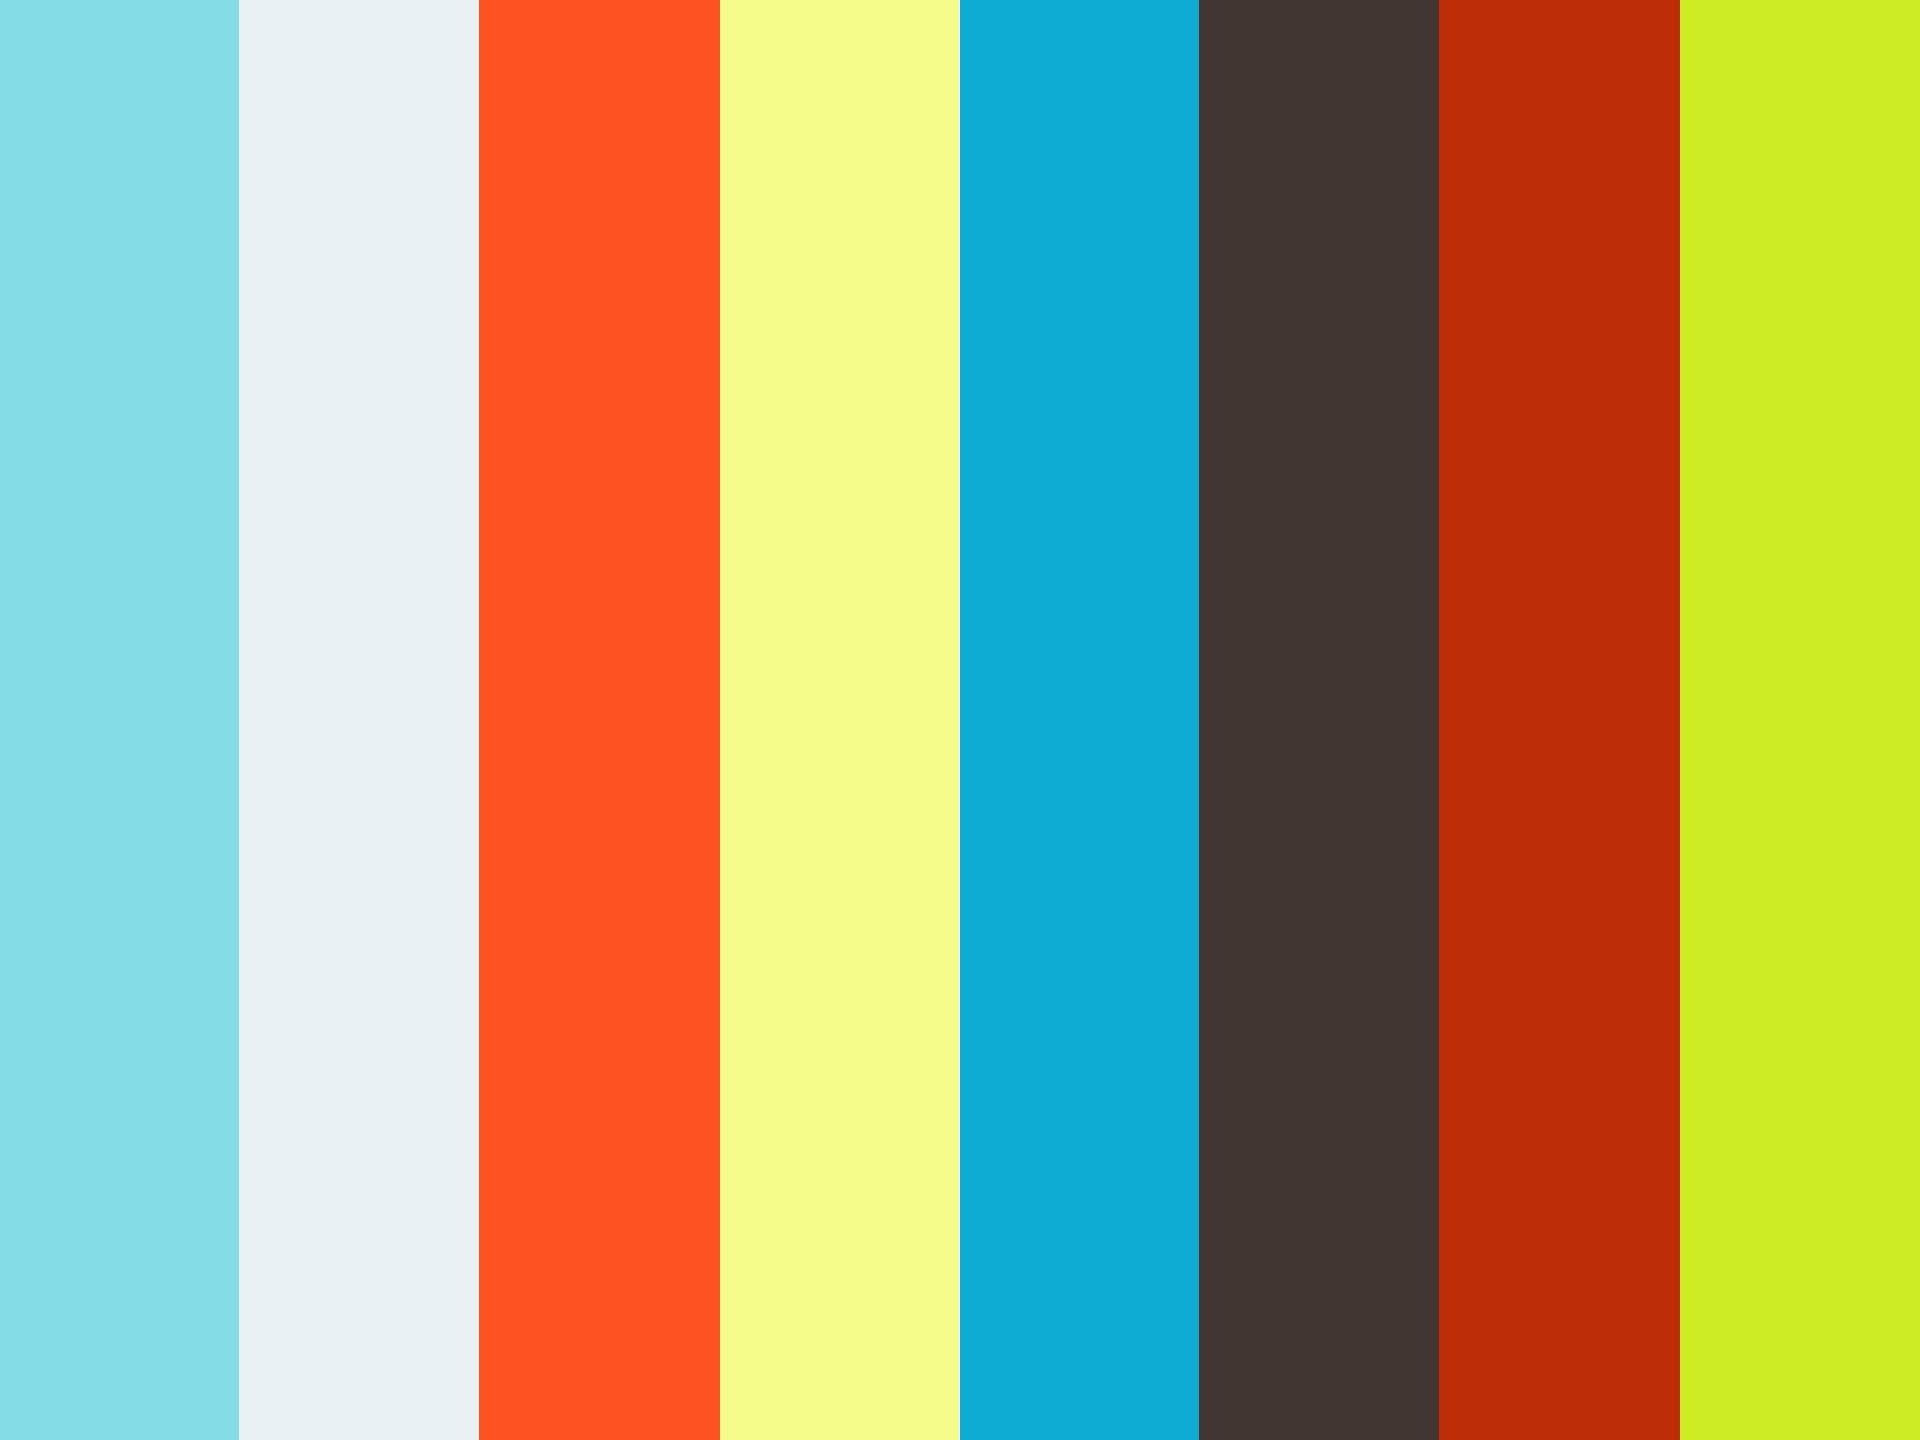 Rencontre Gay Bourges Grosse Bite De Black Gay / Ajaccio Gay